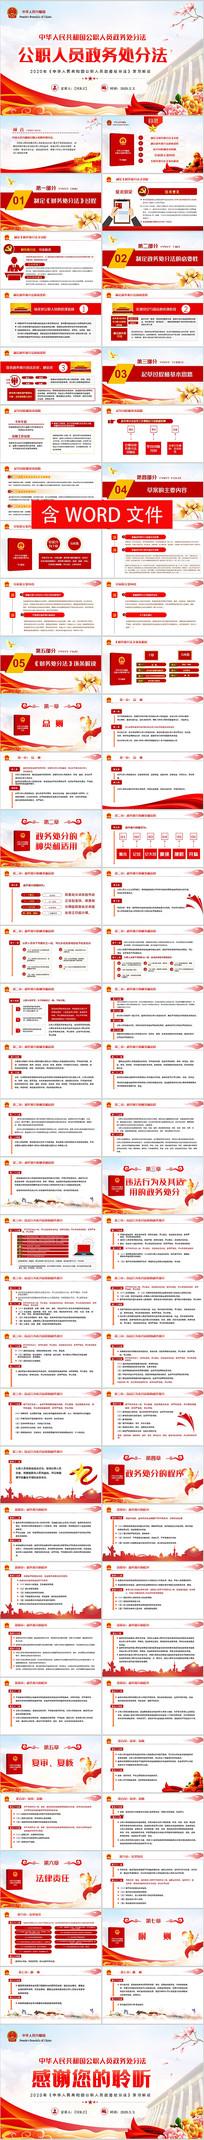 公职人员政务处分法解读党政党建党委党组